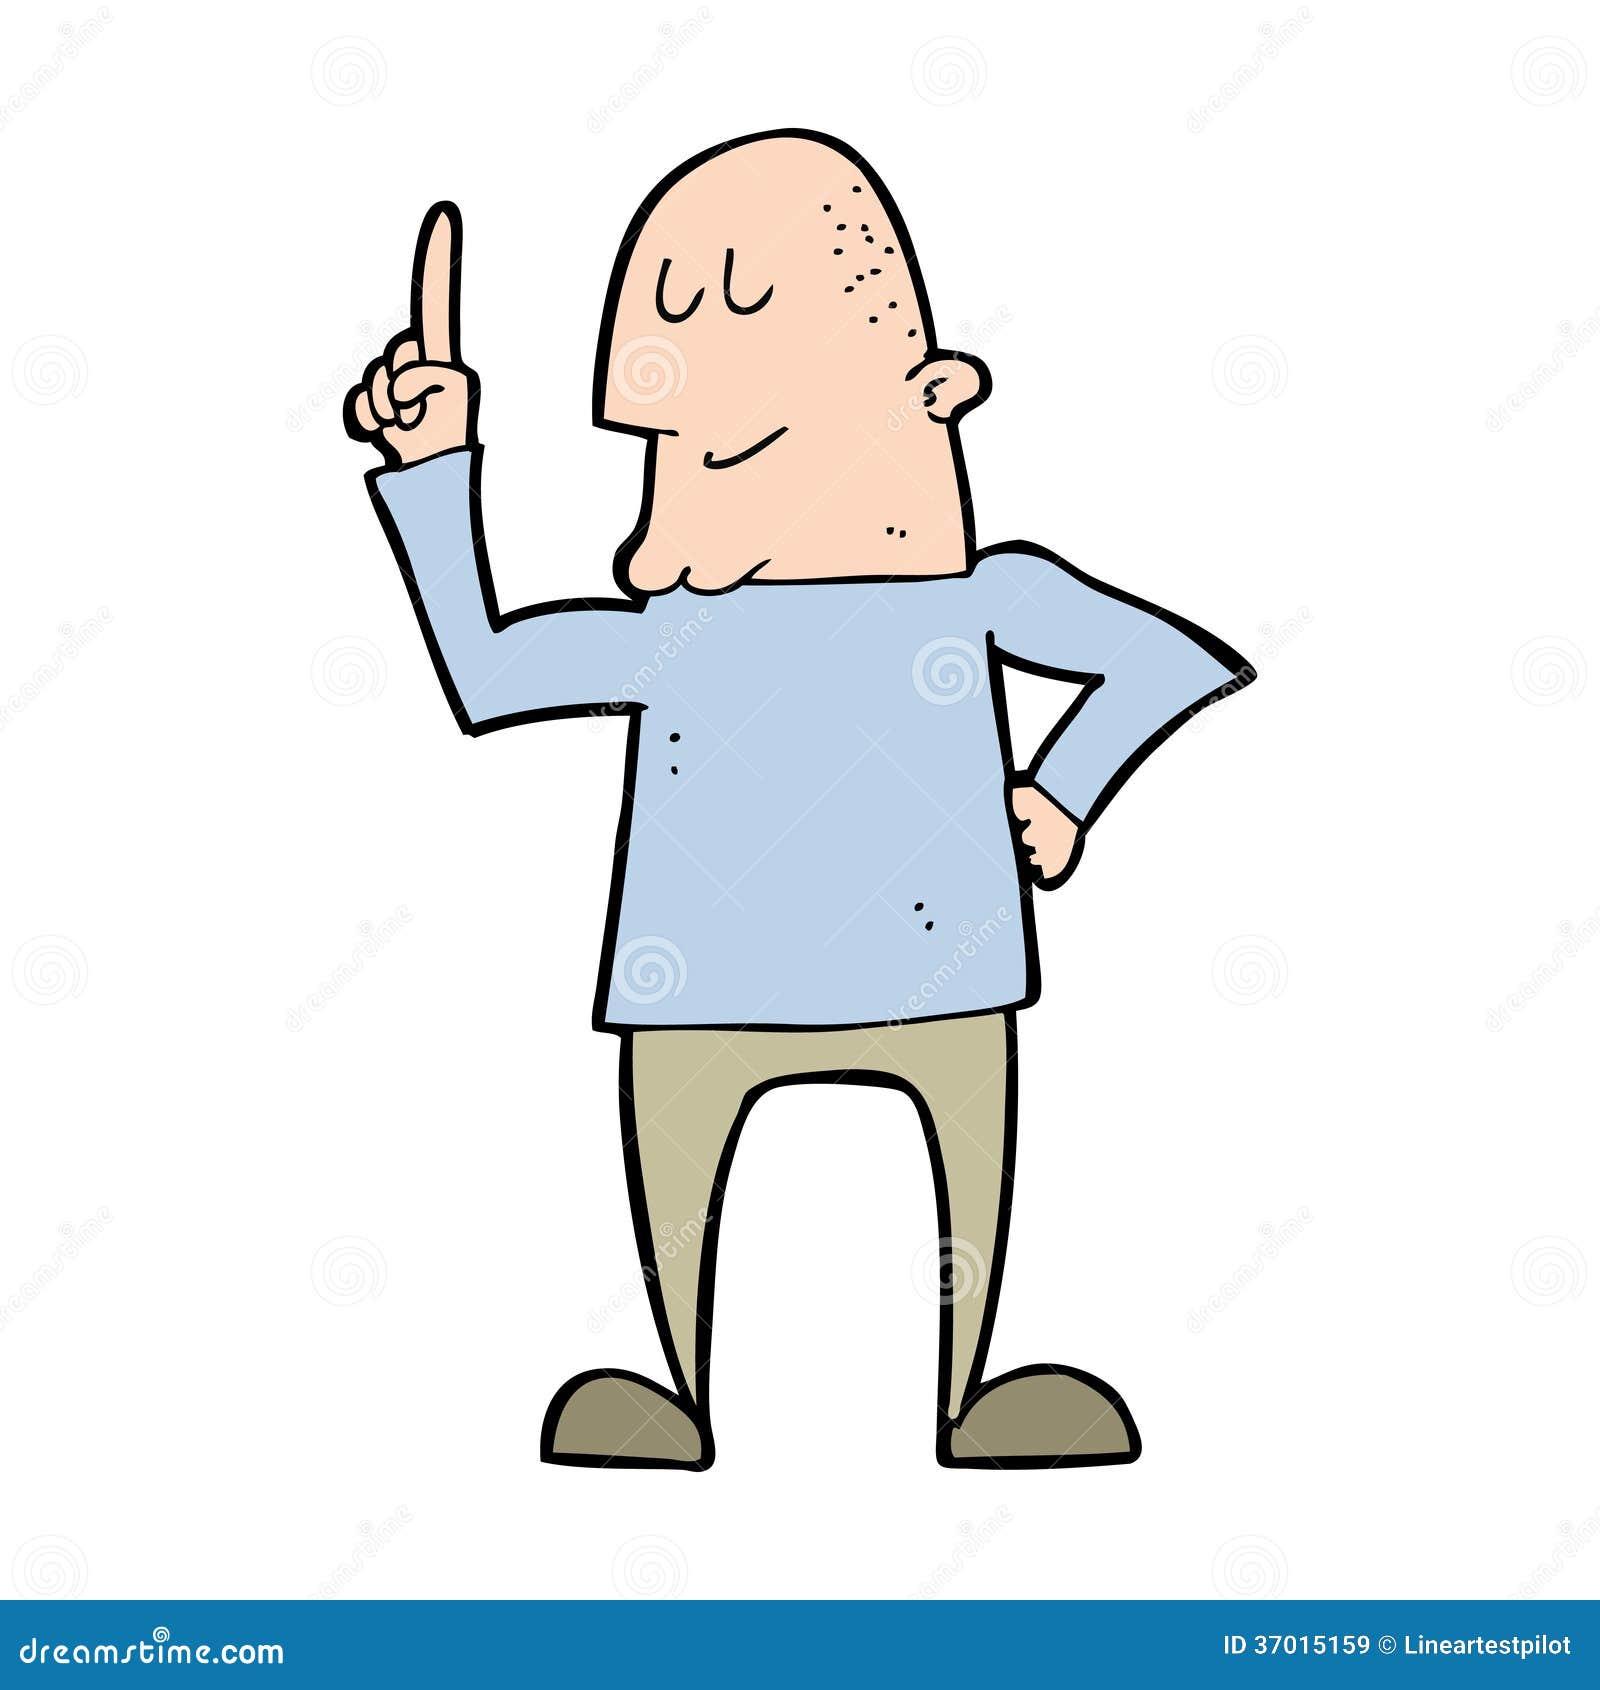 Guy Standing Up Cartoon